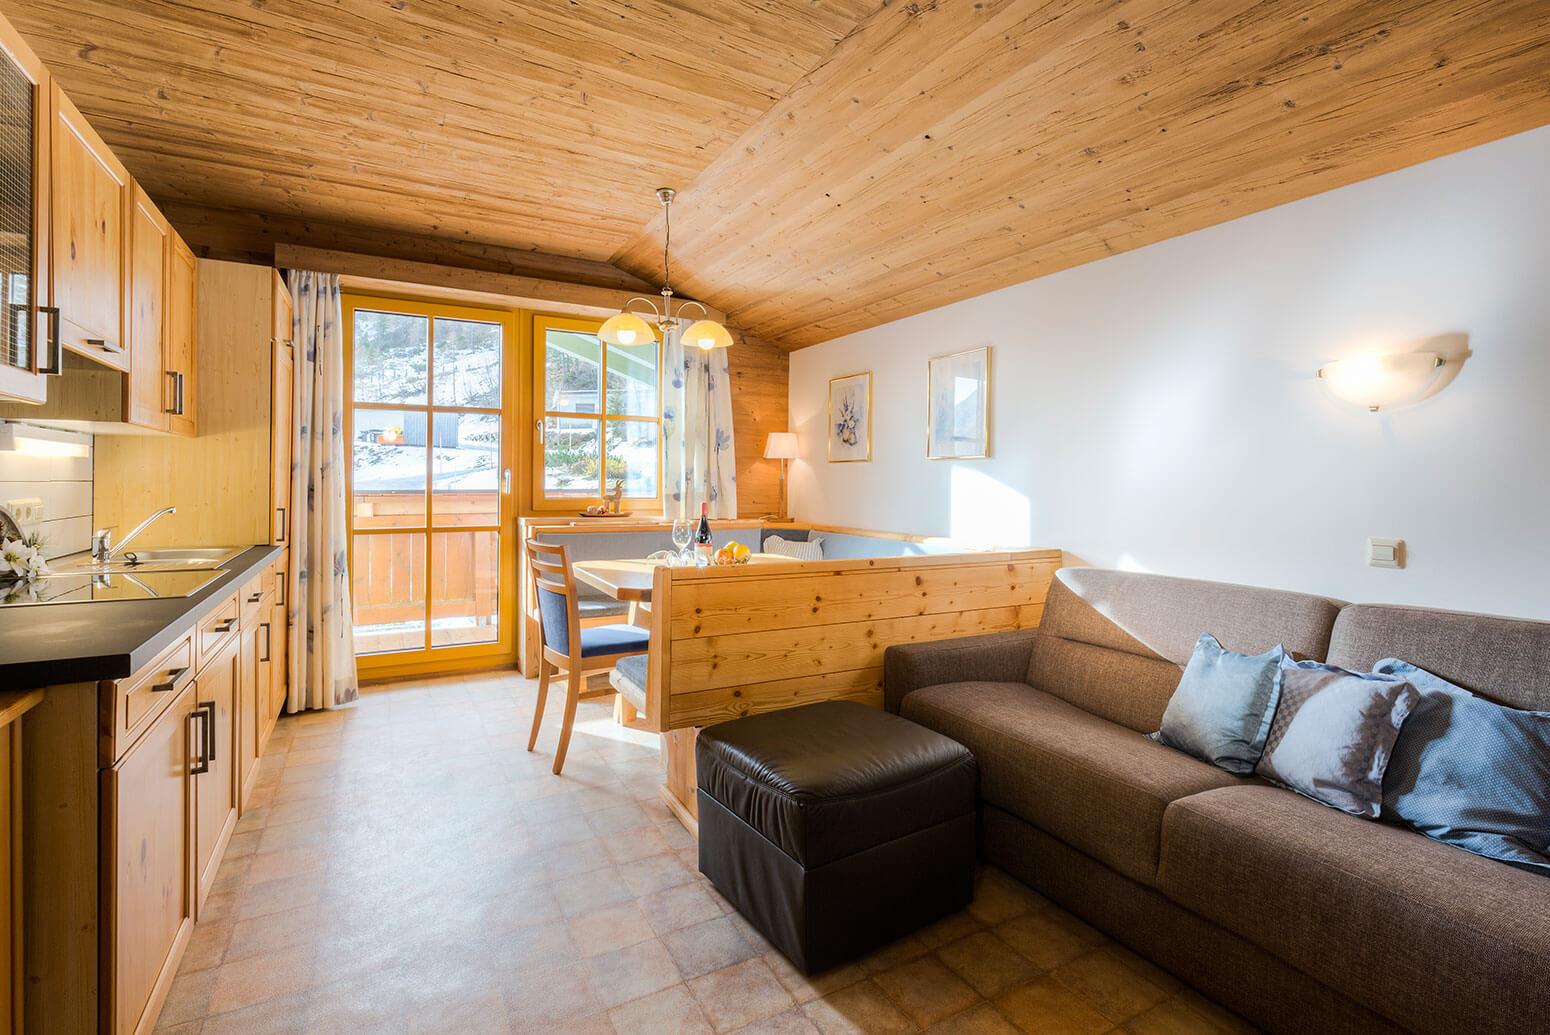 Ferienwohnungen in Obertauern - Apparthotel Kirchgasser